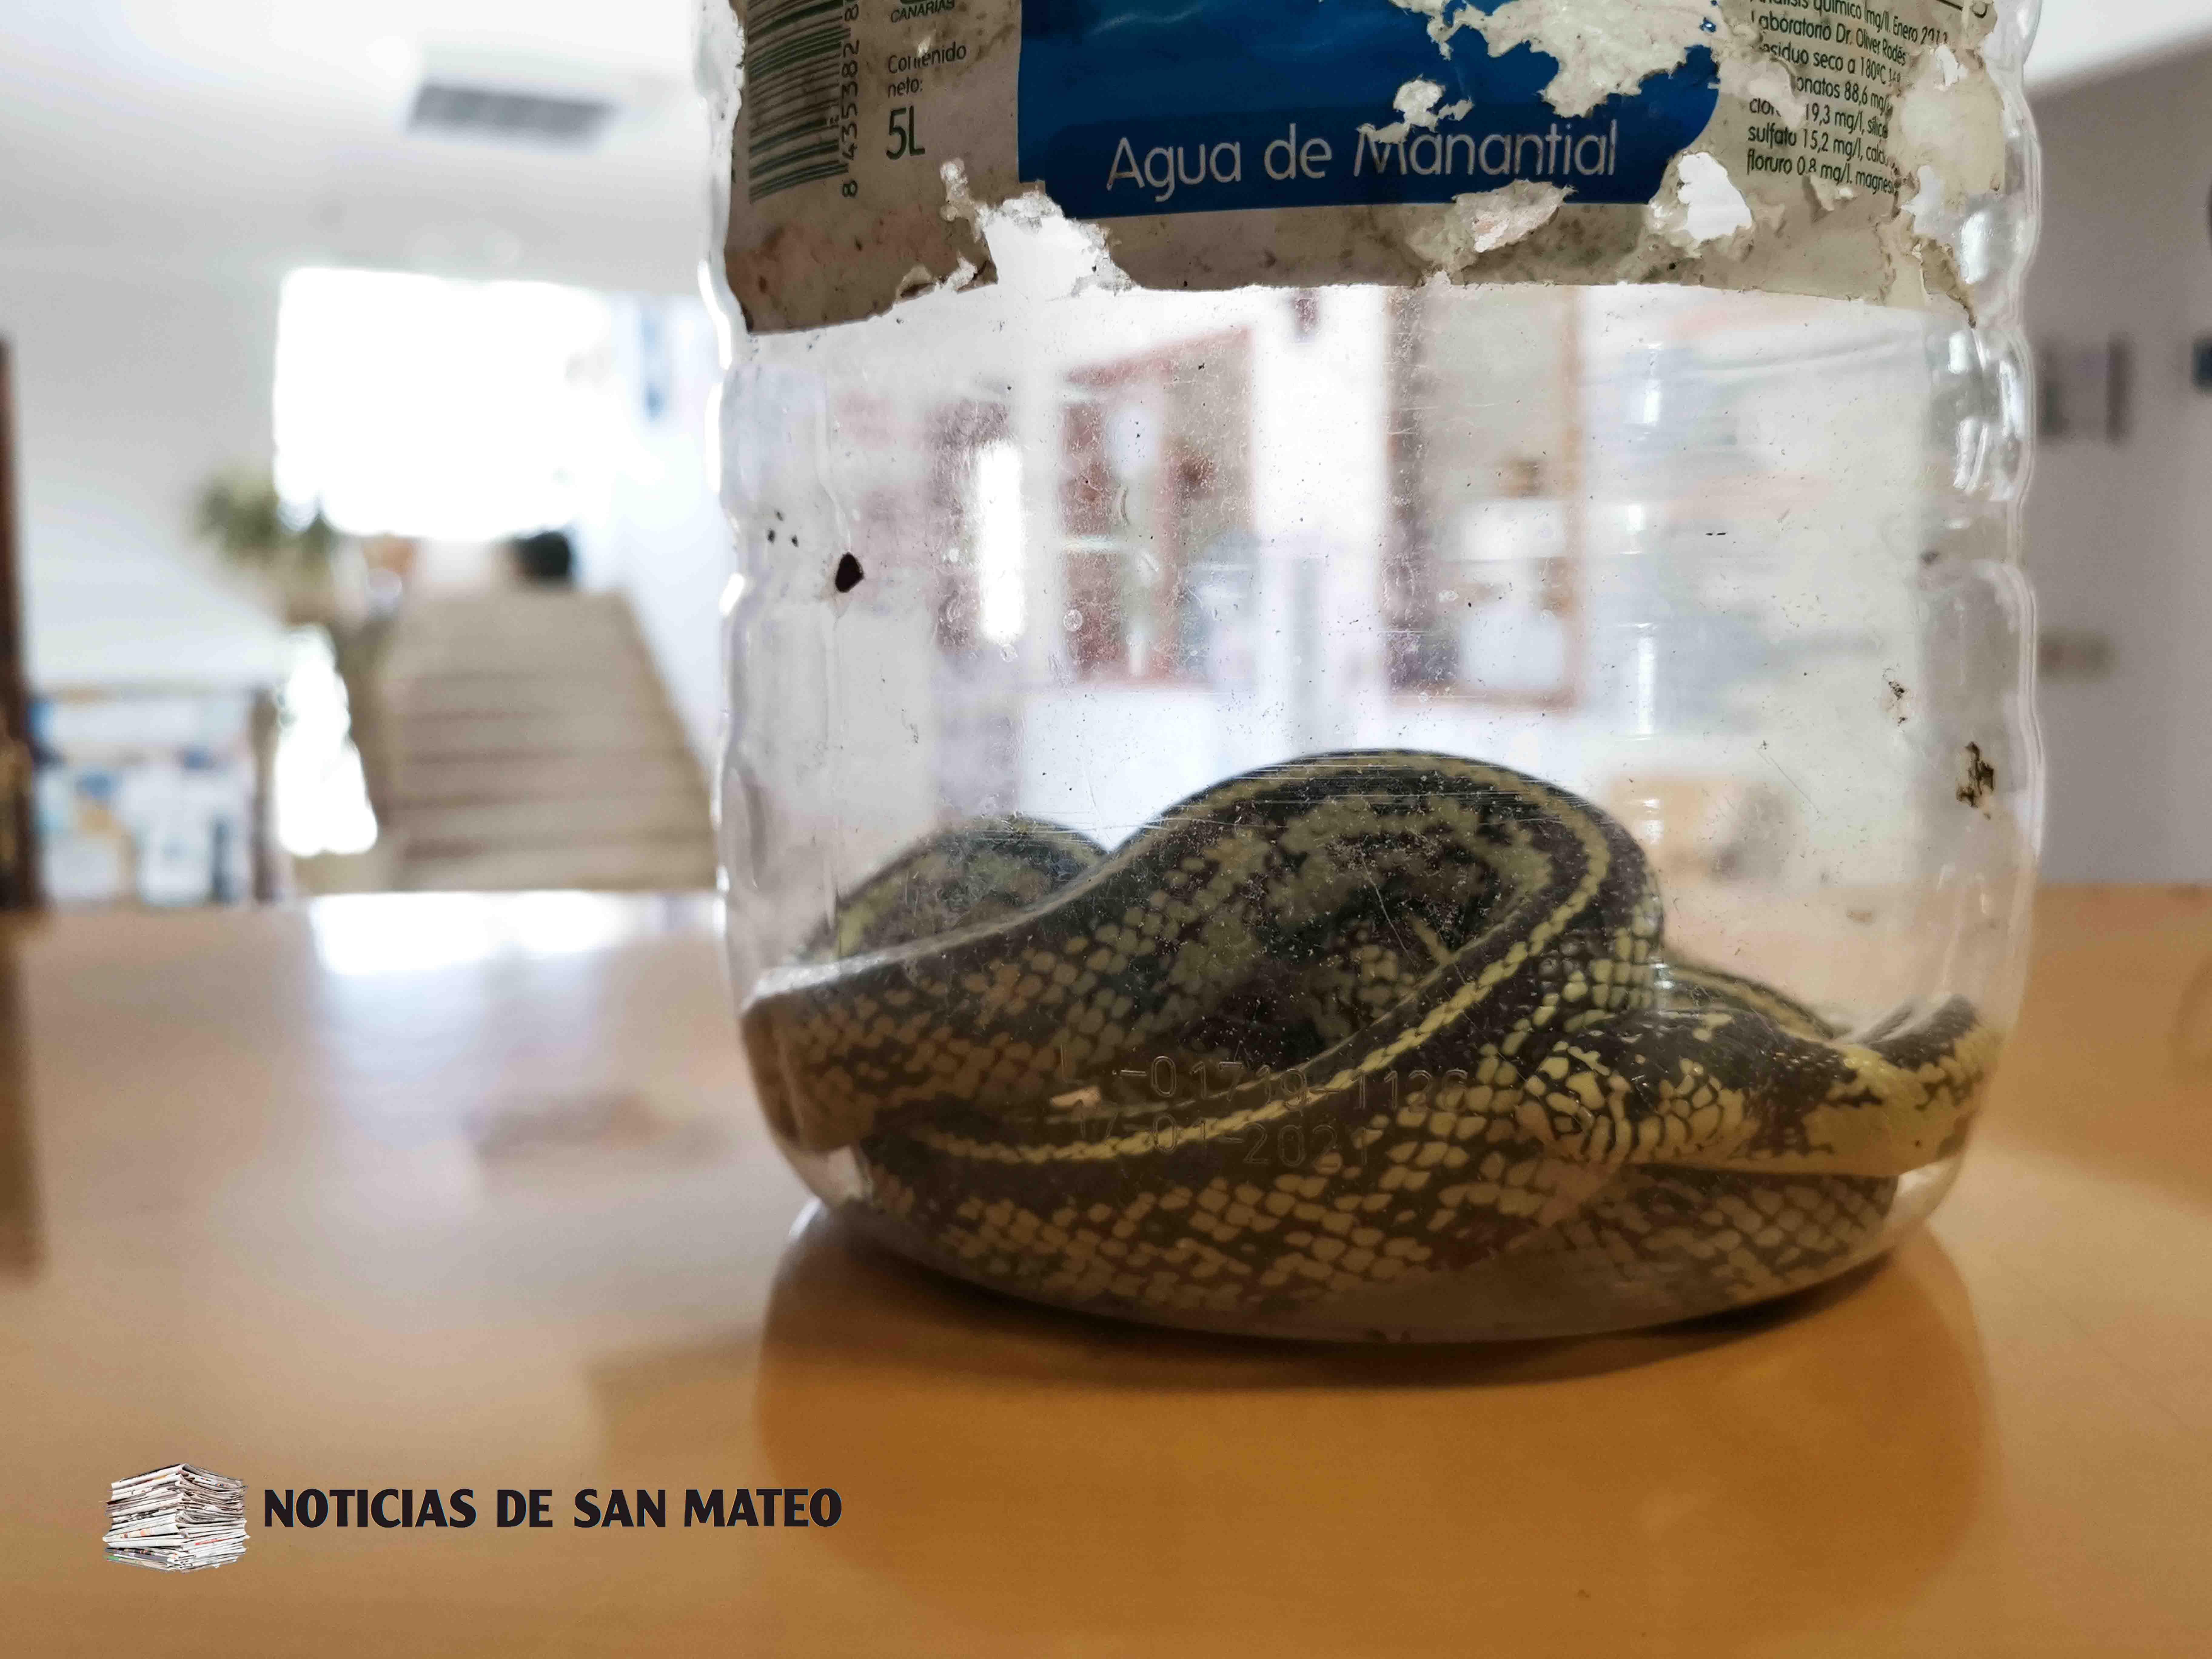 Aparecen nuevas serpientes californianas en San Mateo